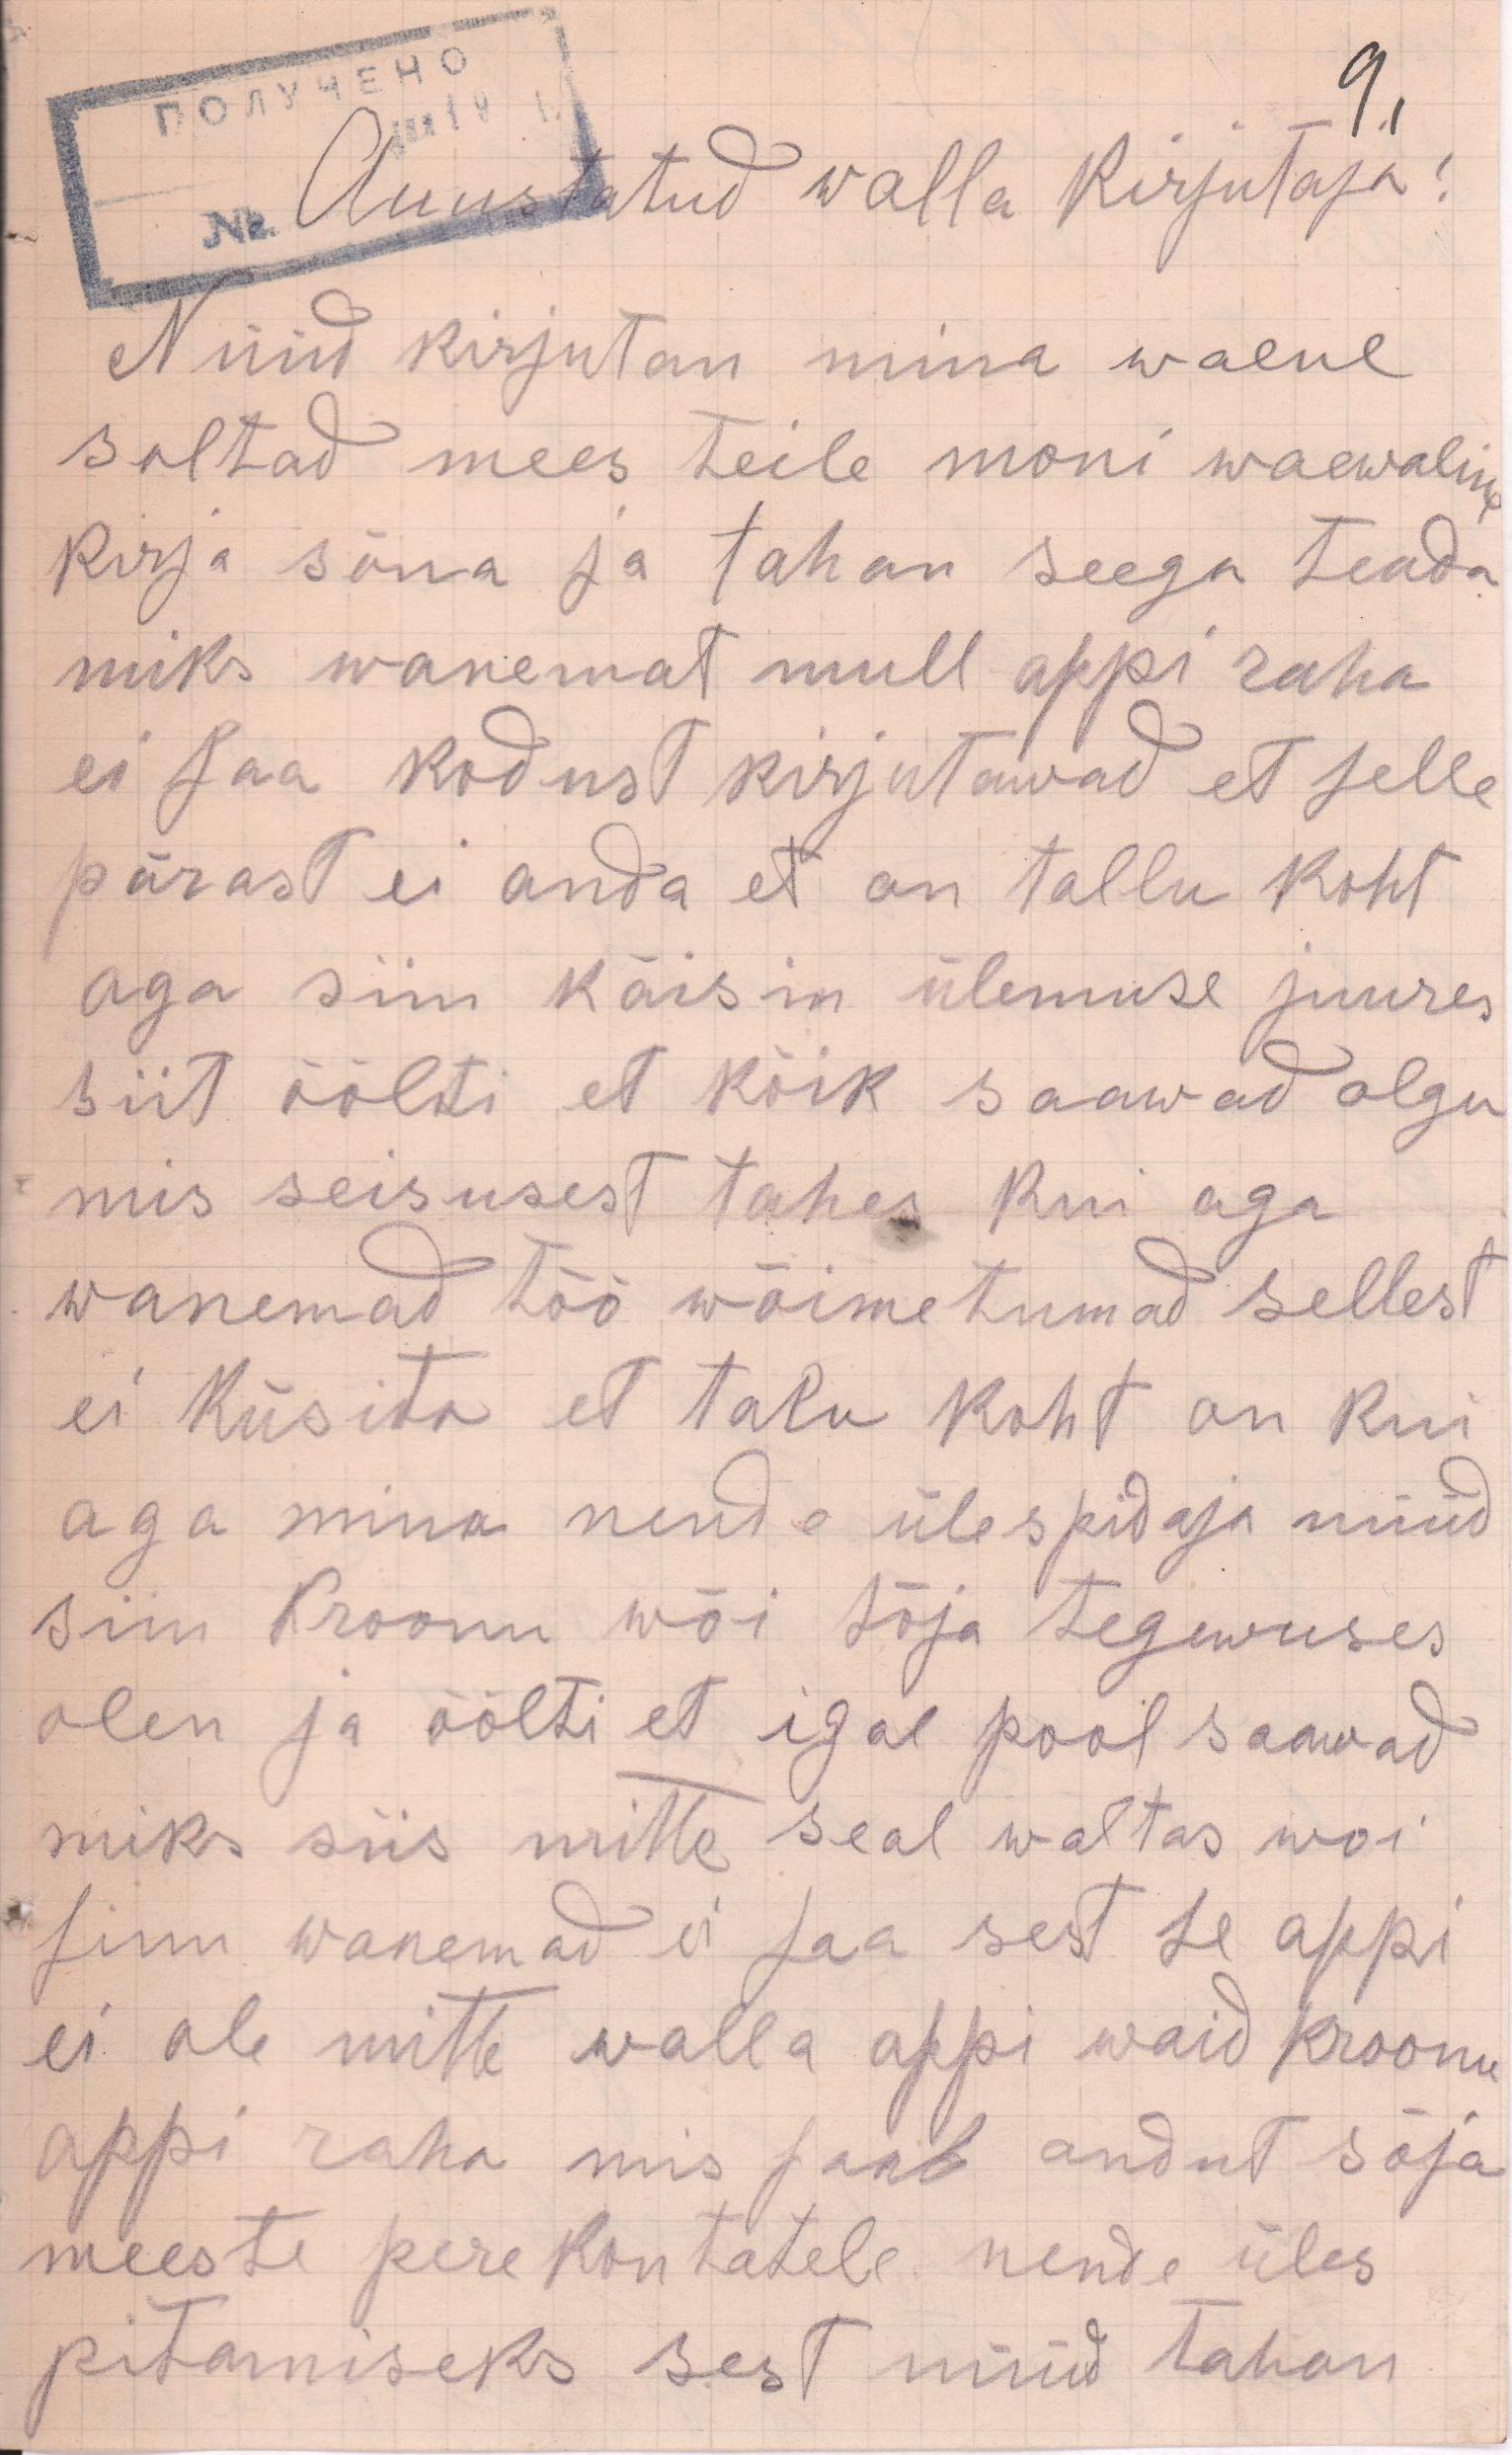 Johannes Sooniku Petrogradist saadetud palvekiri Suuremõisa vallavalitsusele, 27.11.1915. RA, EAA.2608.1.382, l. 9.. pilt2_eaa_2608_1_382_9